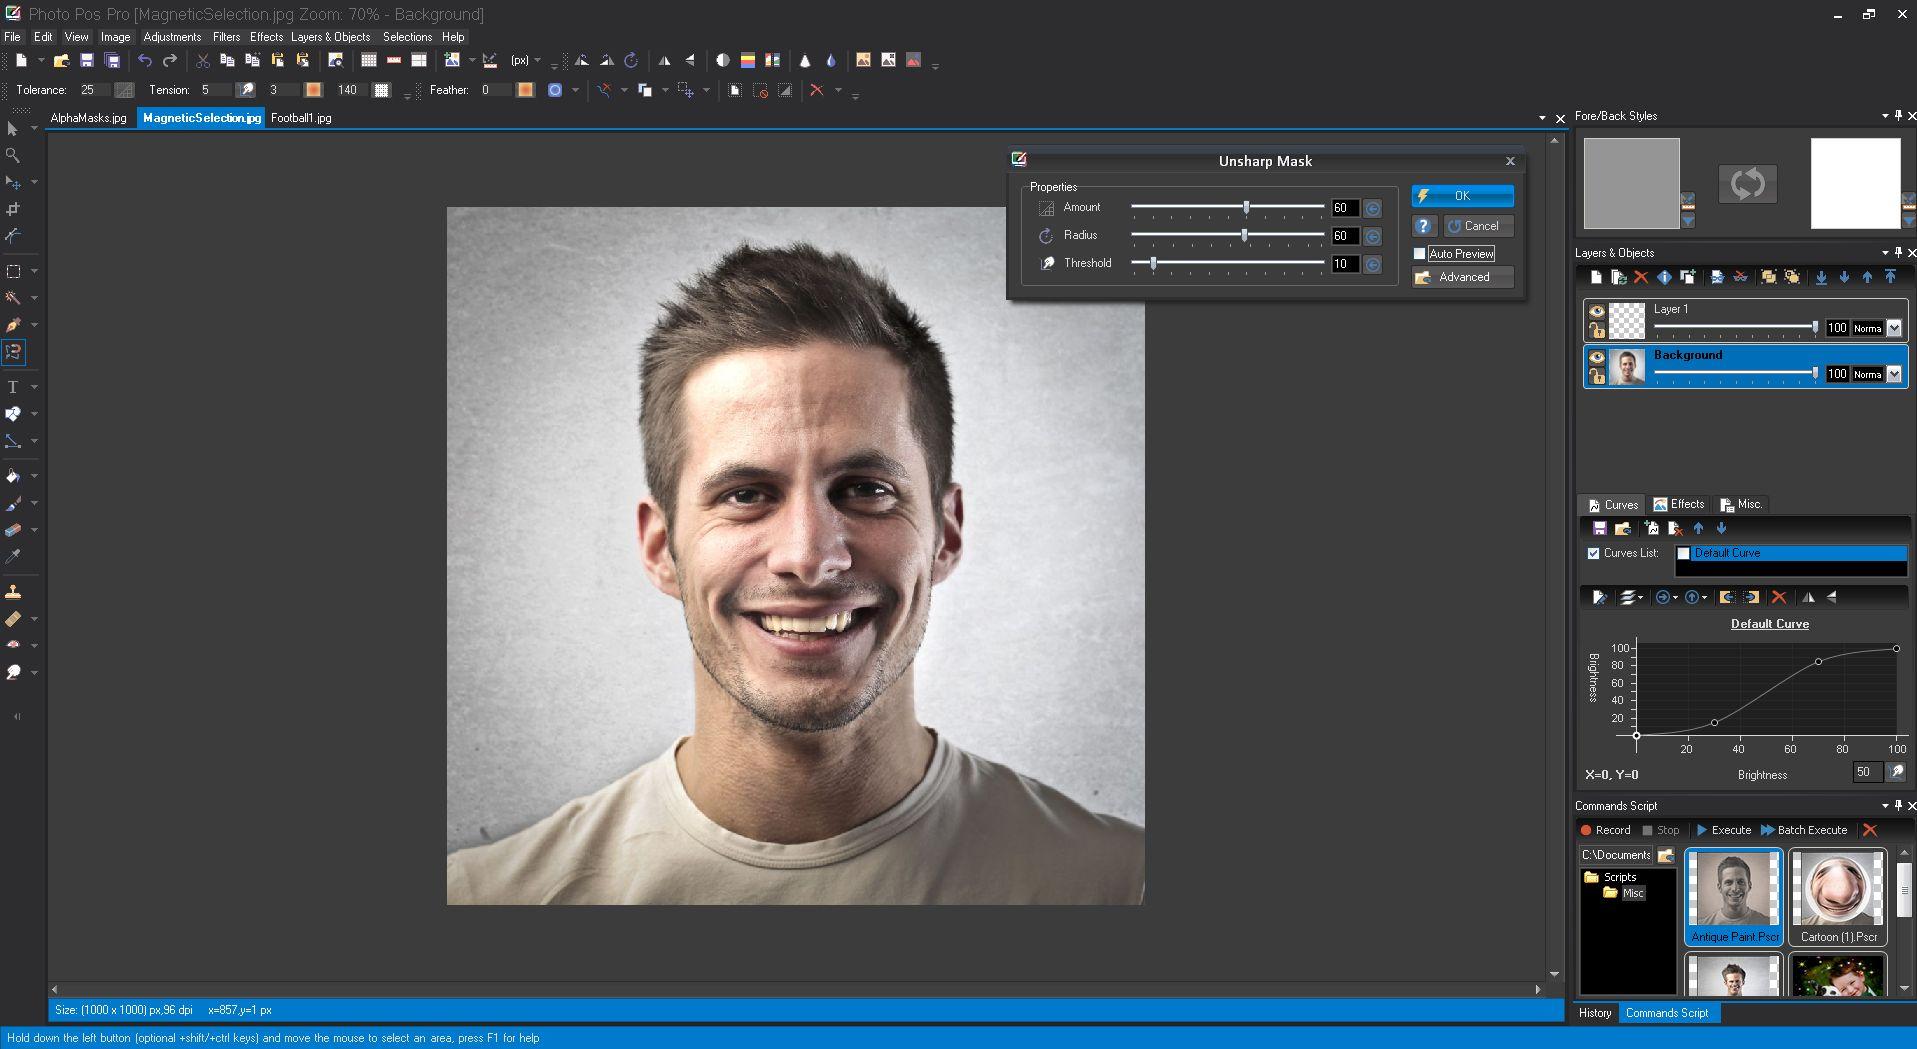 Resultado de imagen para Photo Pos Pro Premium 3